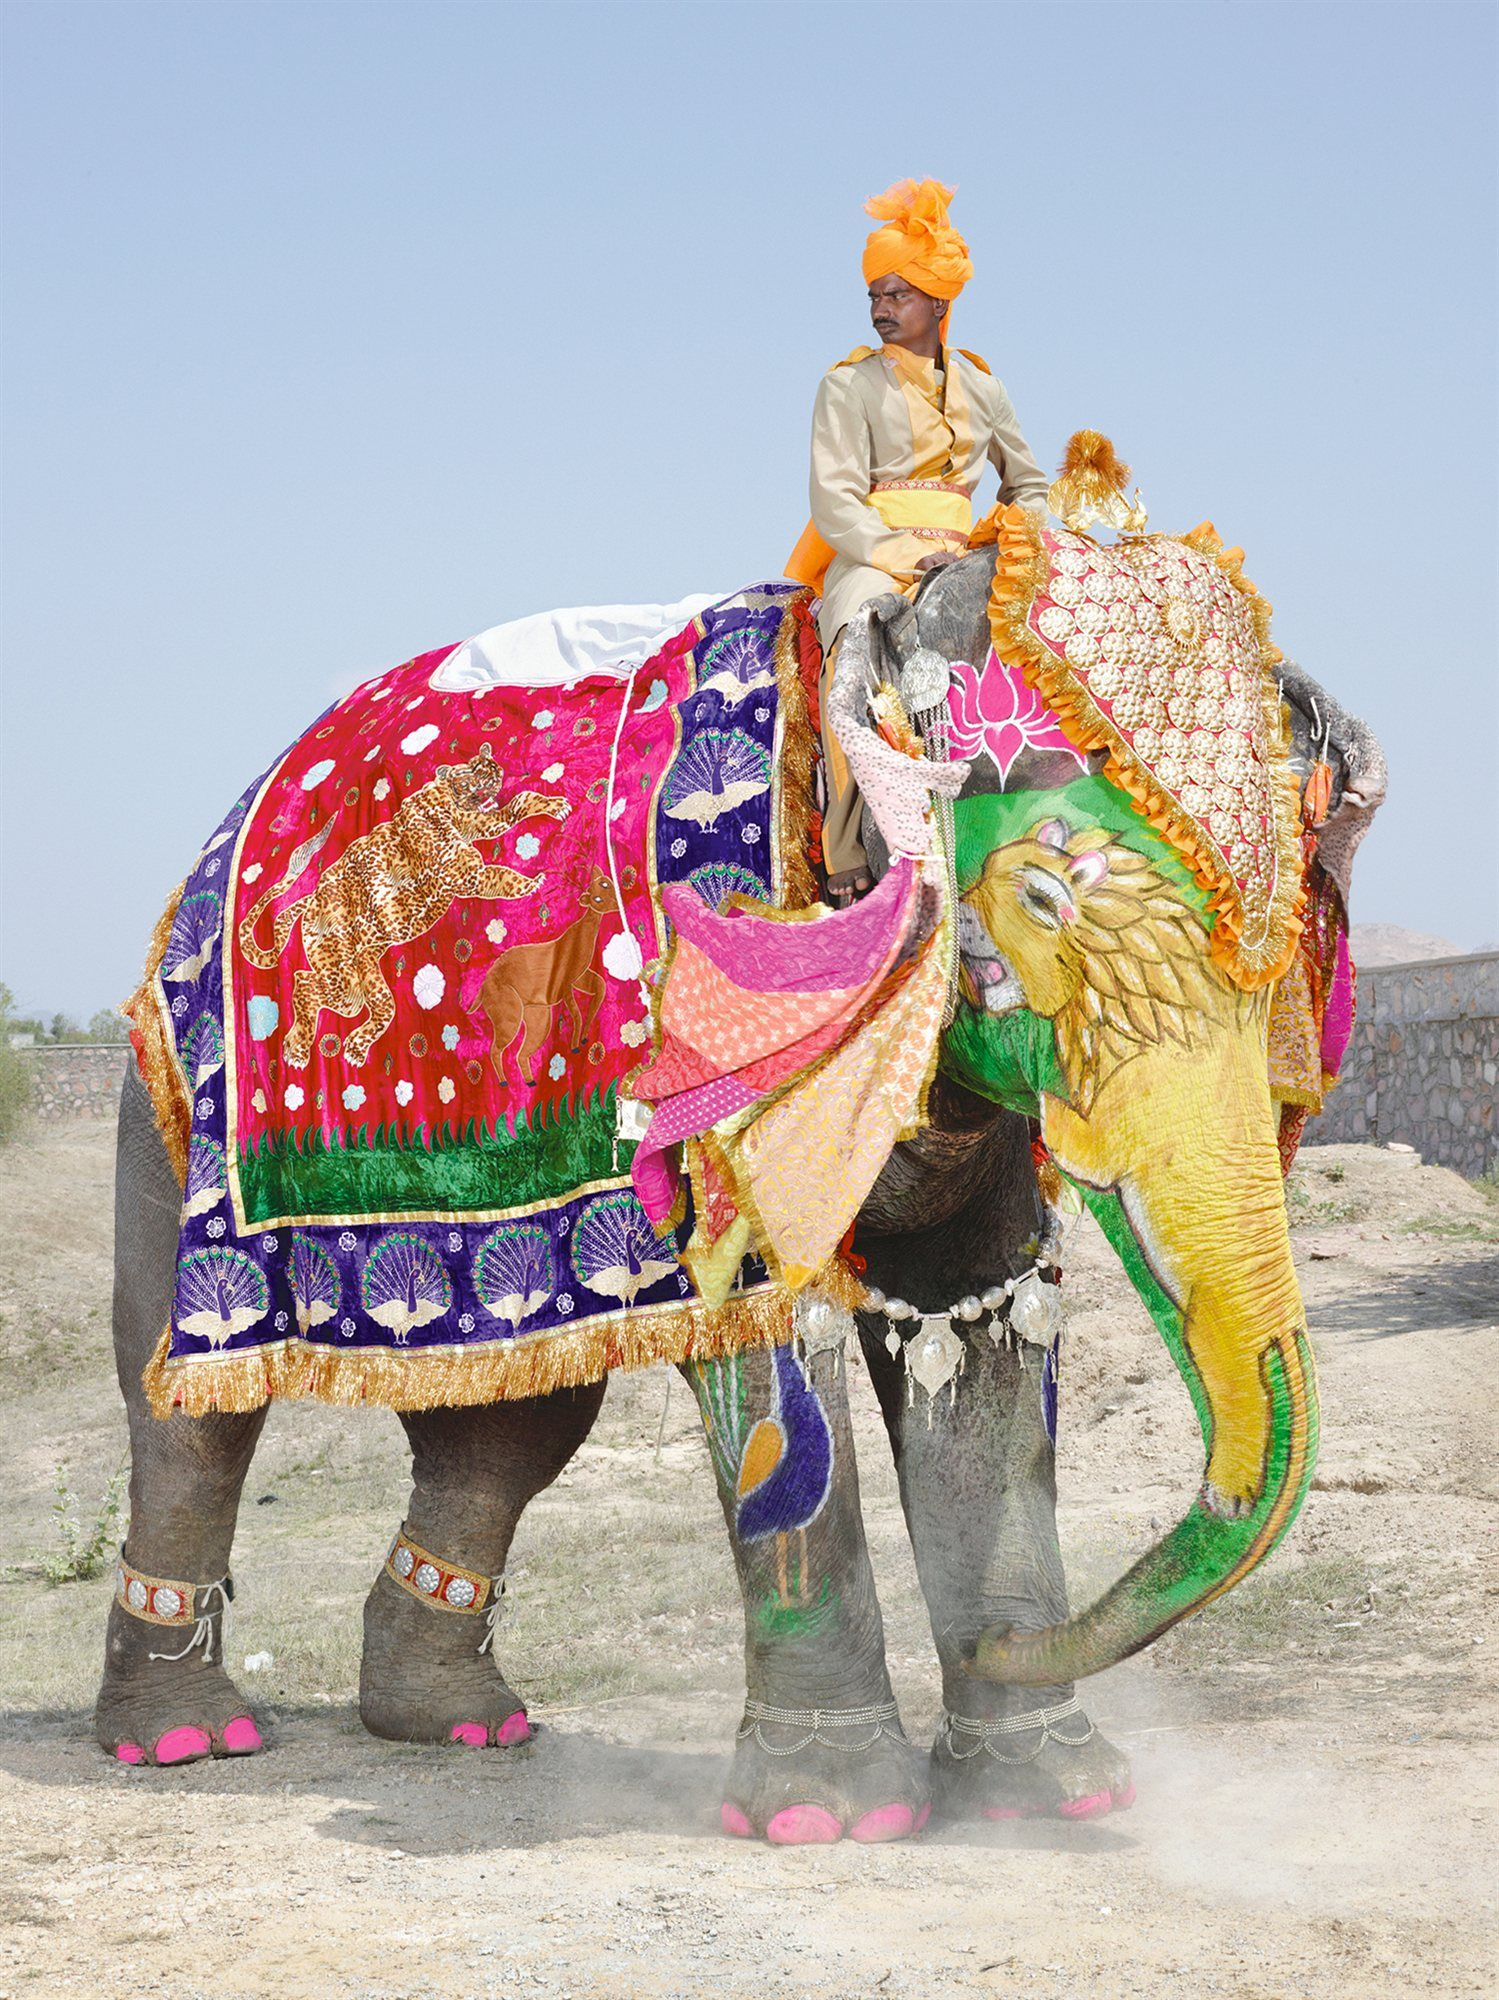 elefante pintado tailandia - Pesquisa Google | Elefantes pintados ...